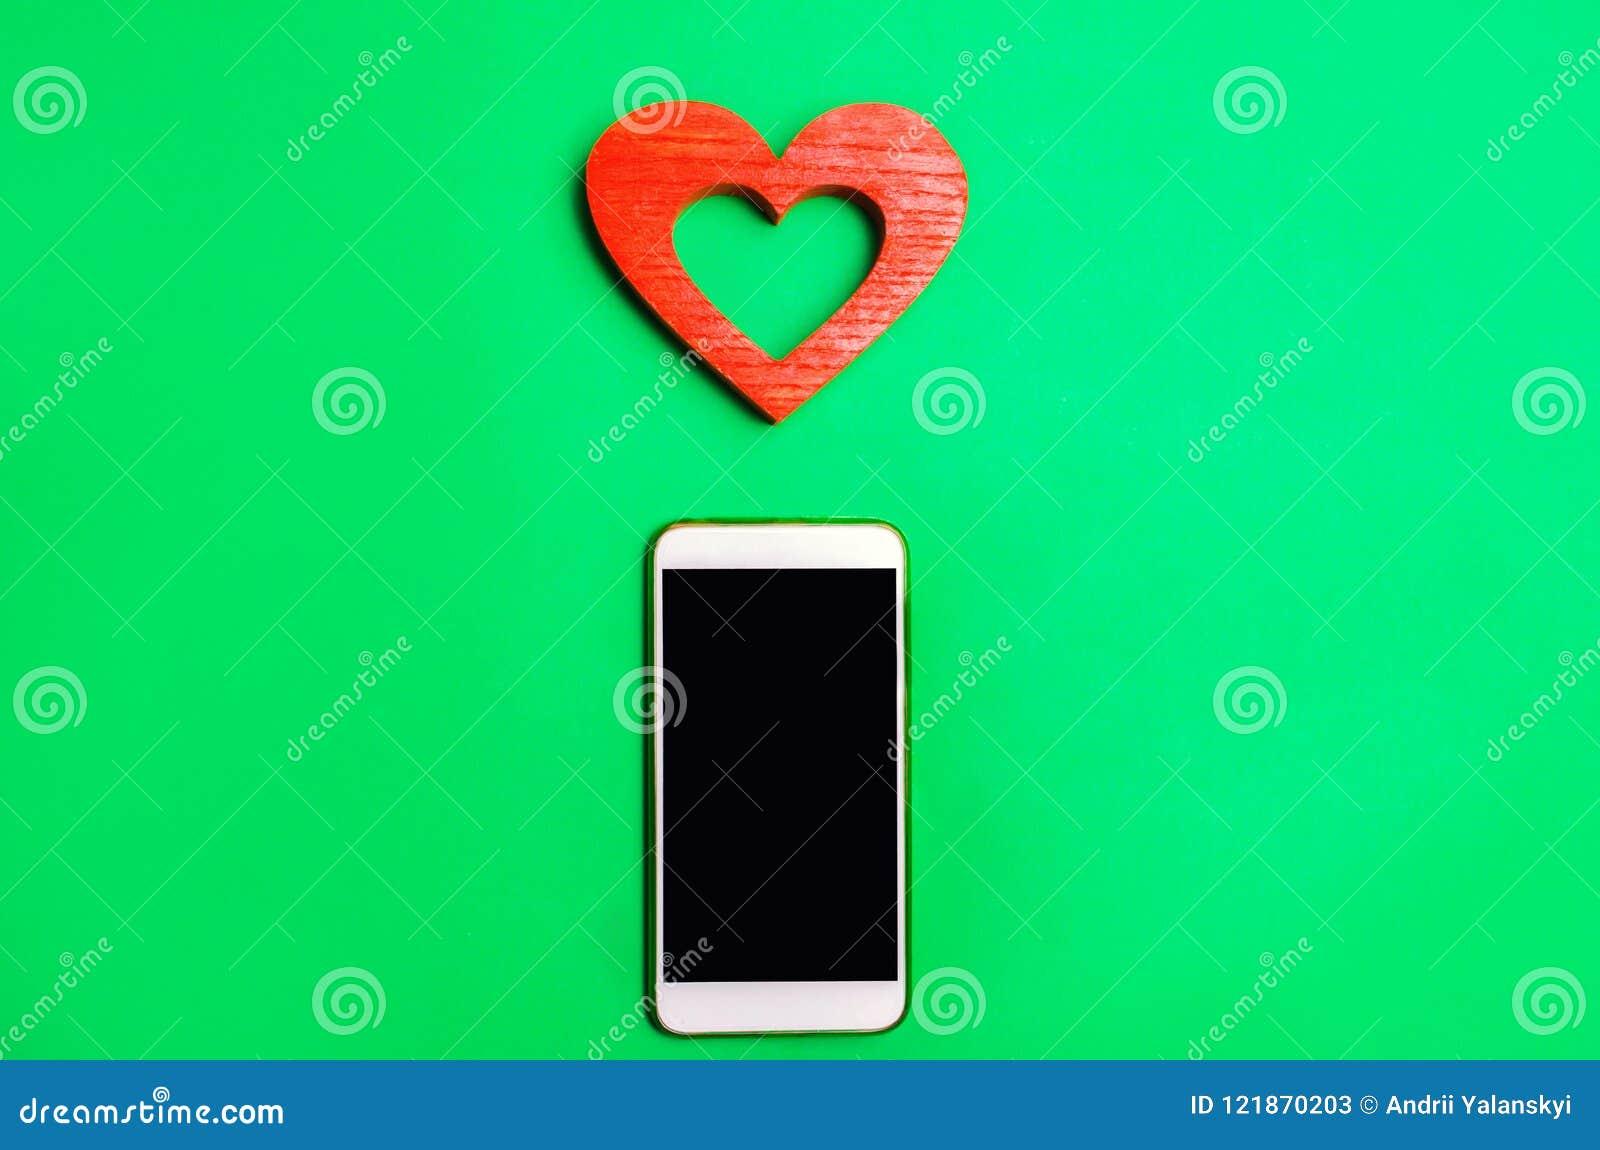 Flirt online dating messages